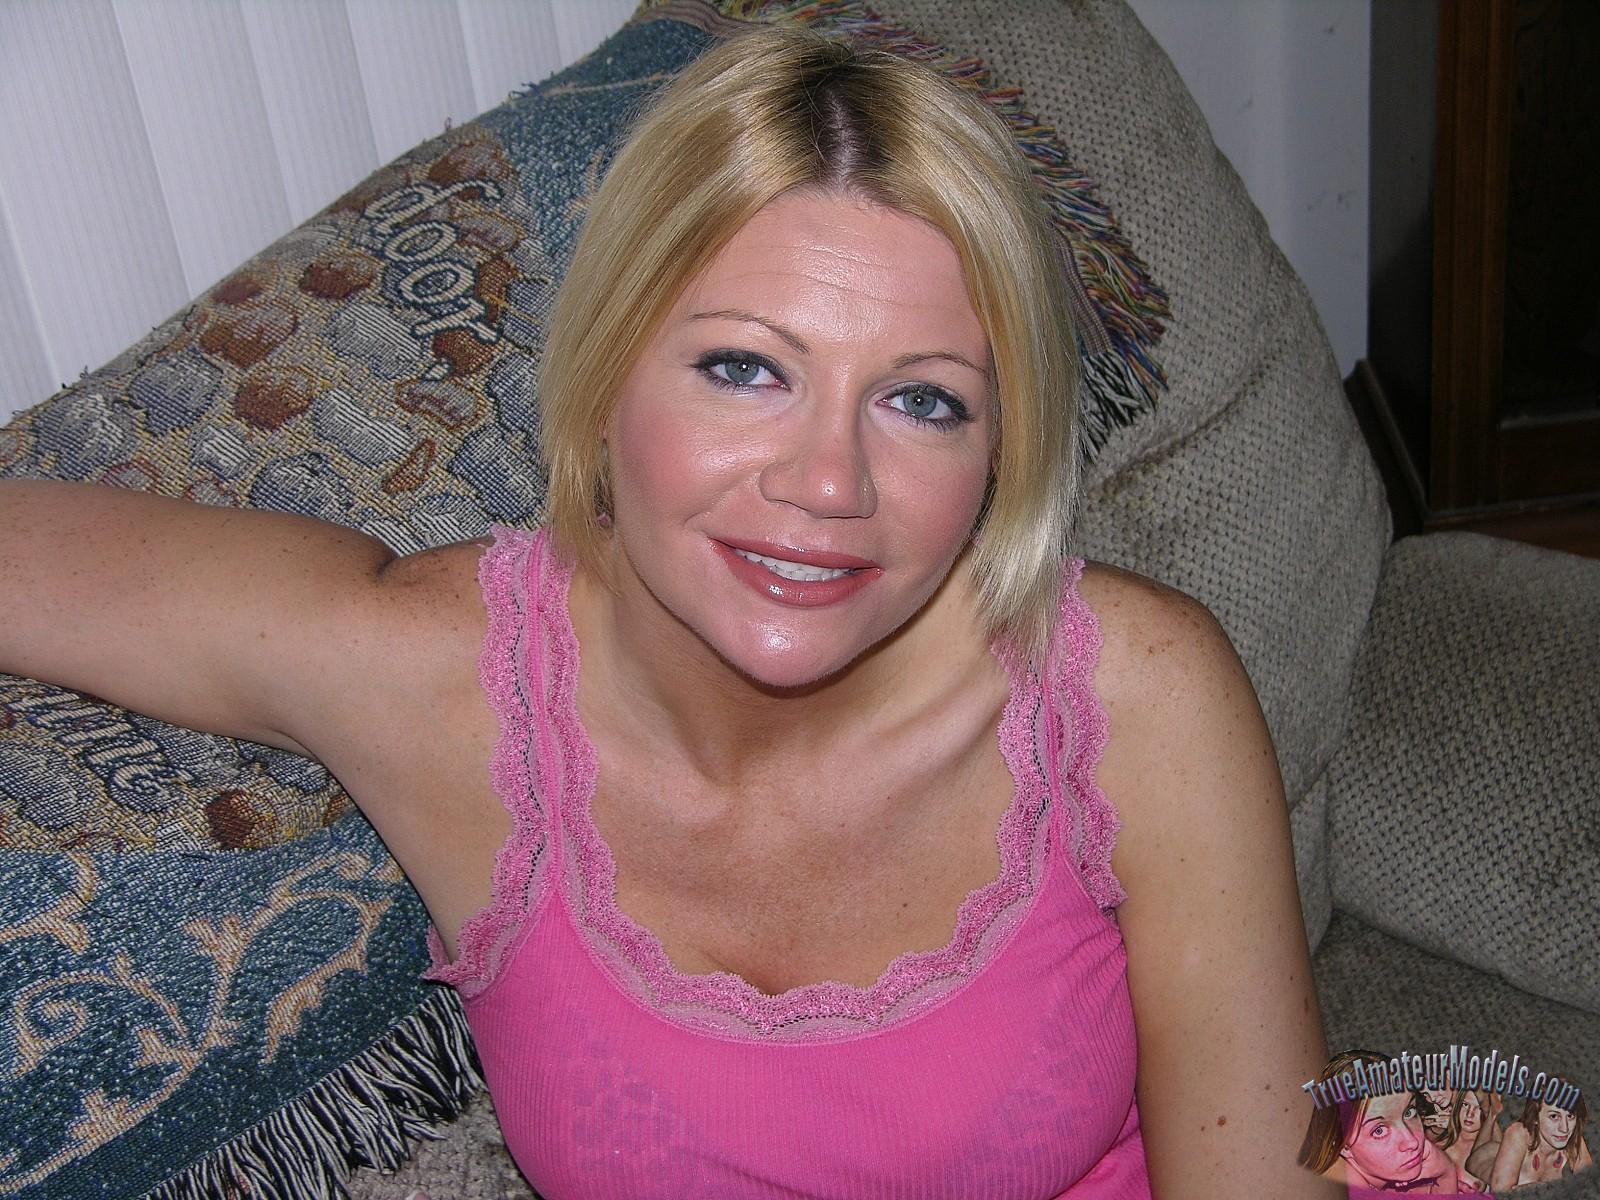 Beauty Busty blonde lesbian milfs wonder she